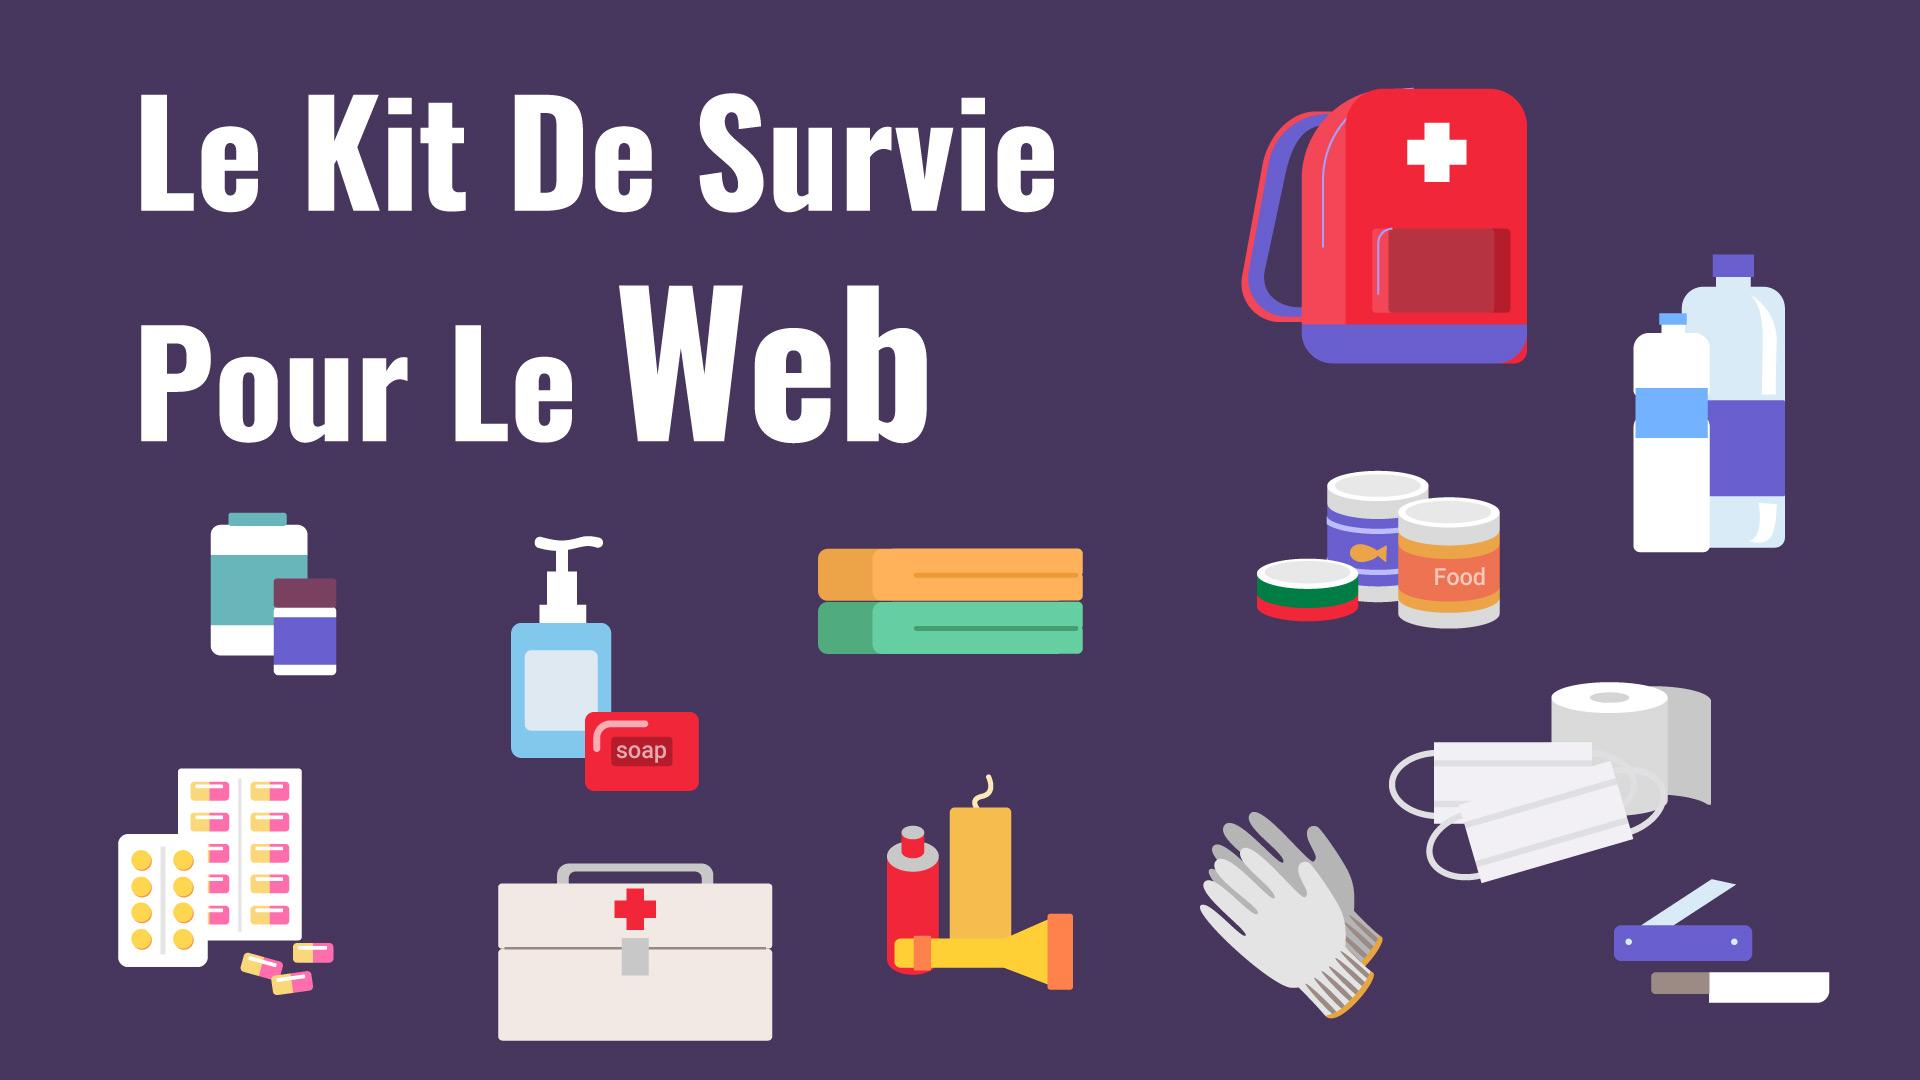 Le kit de survie pour le web